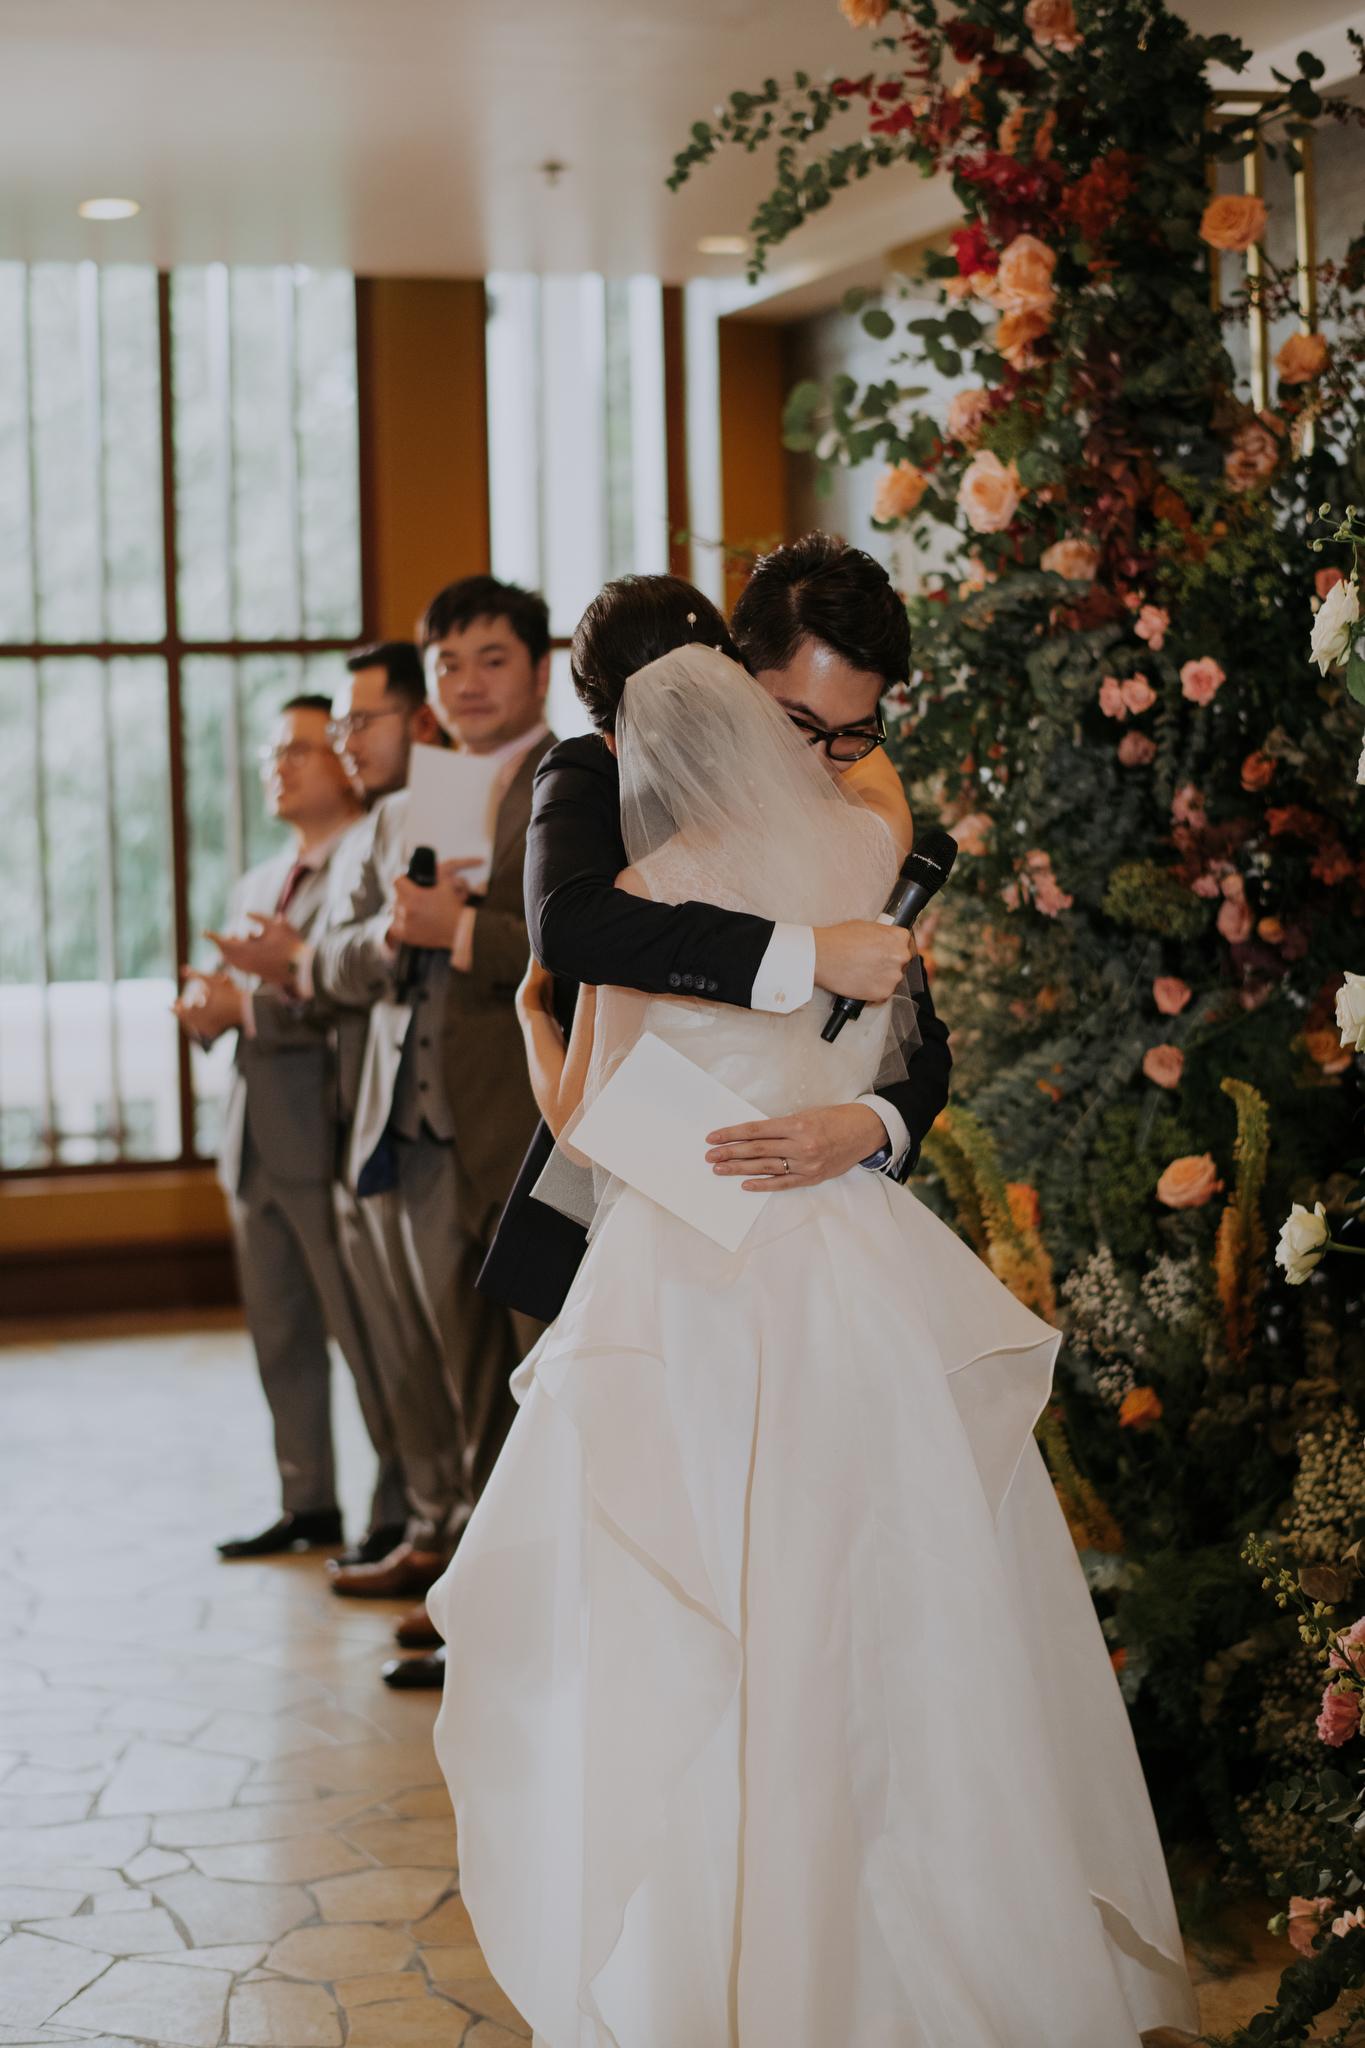 https://huk.s3.amazonaws.com/uploads/image/source/1413/Phuong-Diep-HN-Ceremony-1-0518.JPG